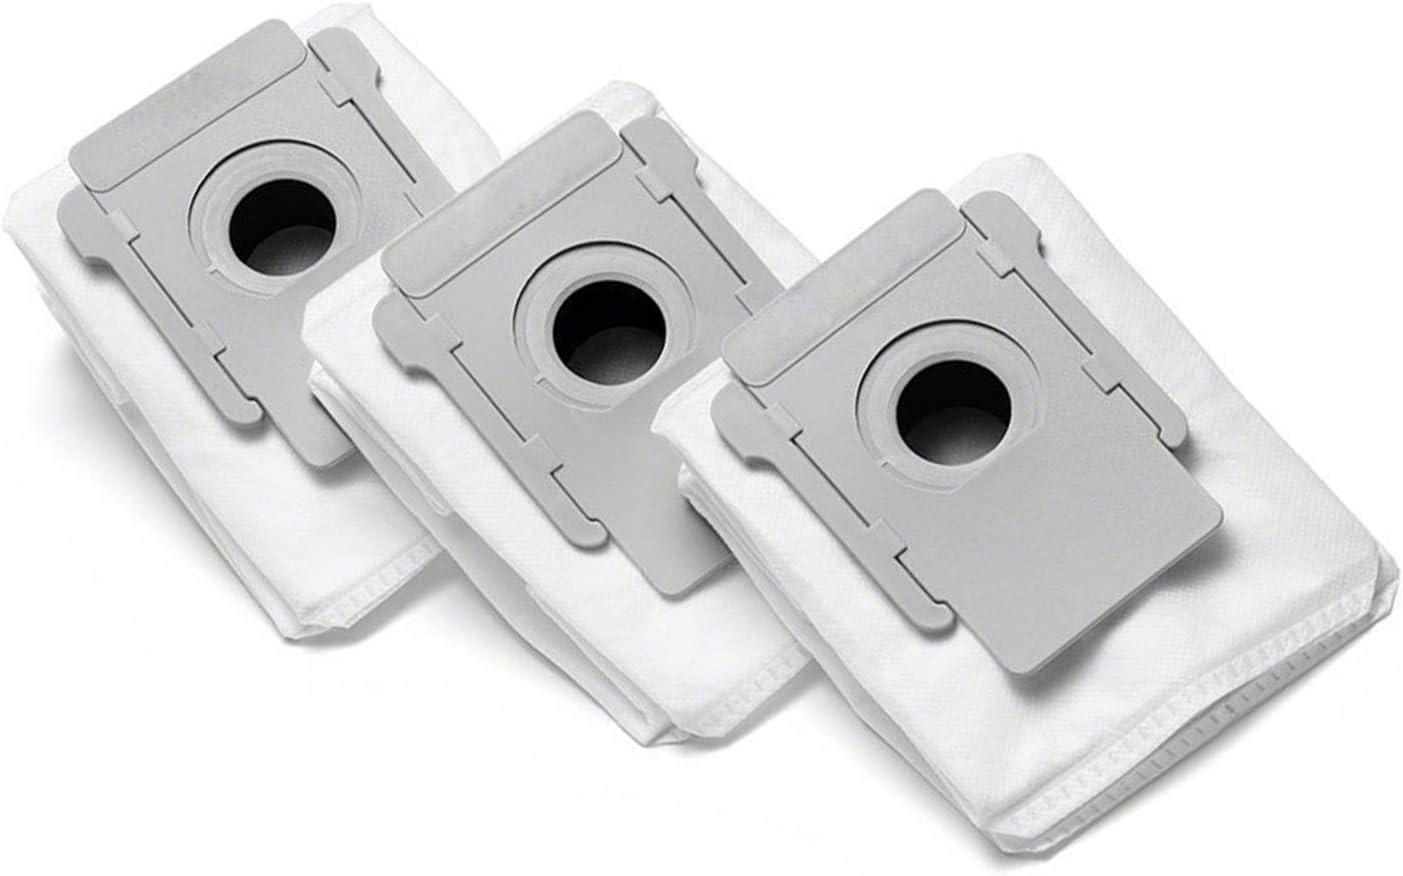 LICHIFIT 3 Paquetes de Repuesto de Bolsas de eliminación de Suciedad automáticas para Roomba I7+ Base de aspiradora: Amazon.es: Hogar